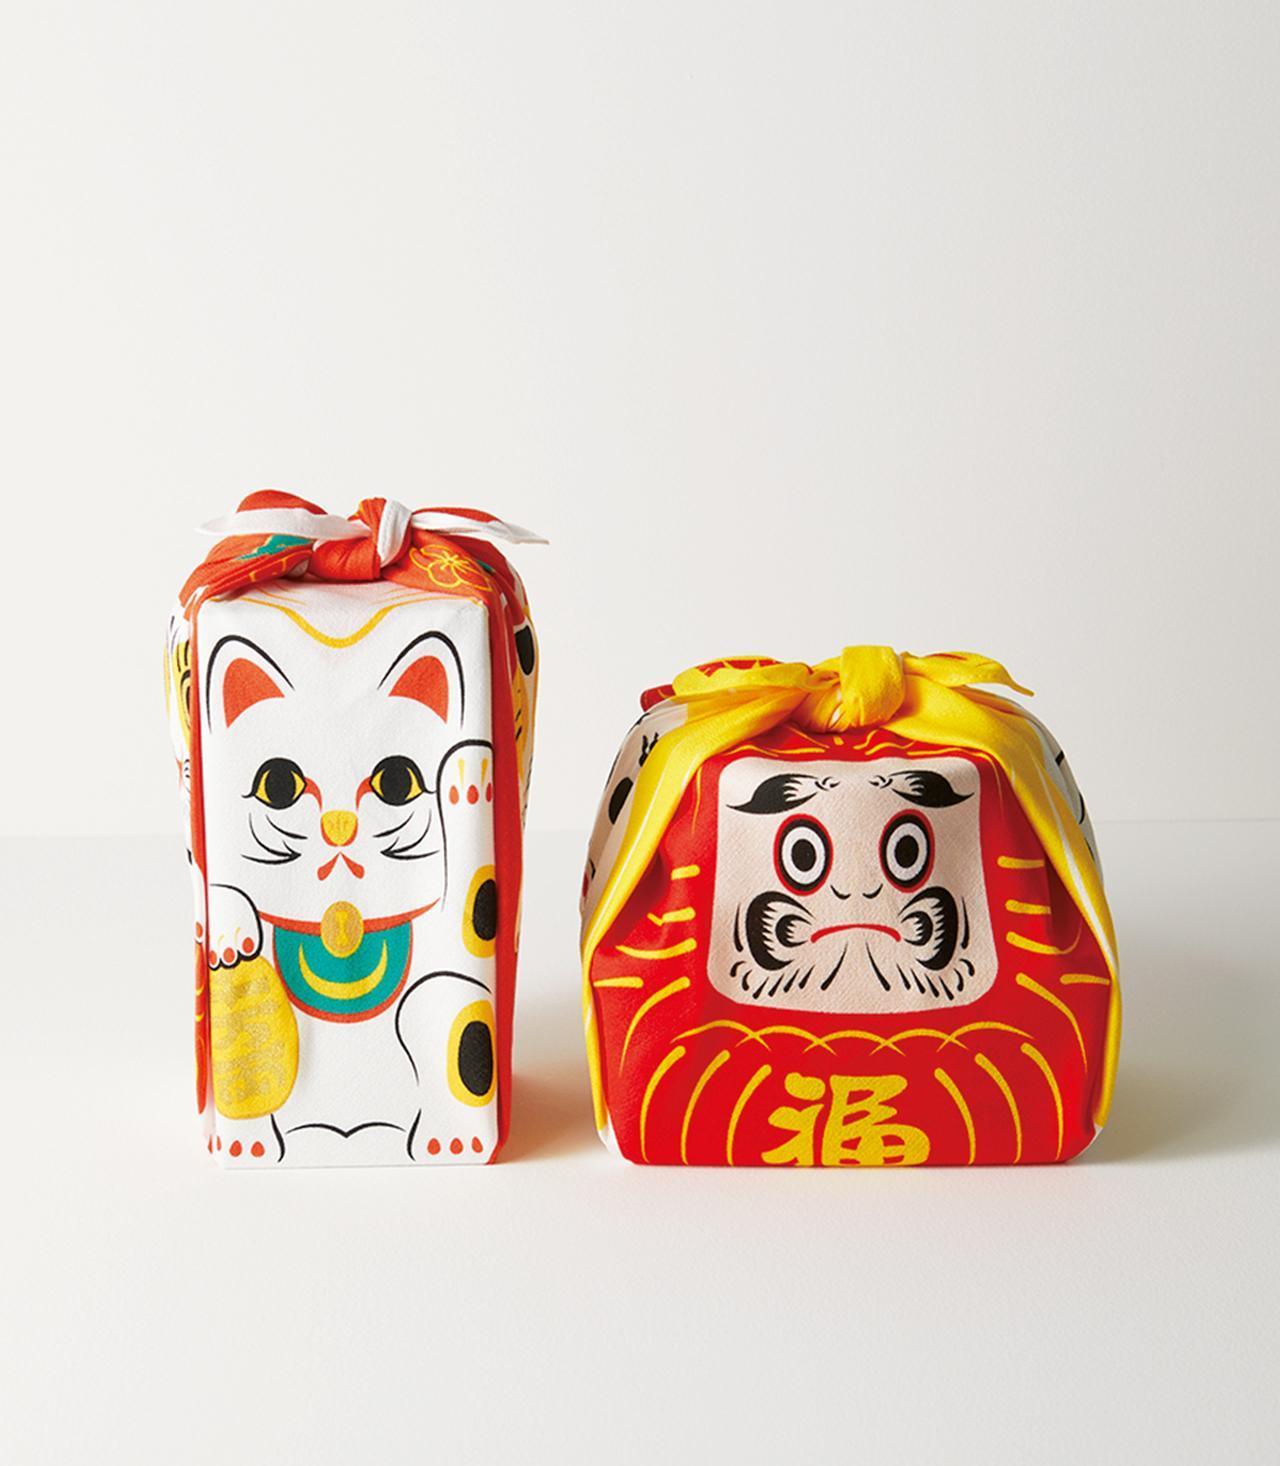 Images : 招き猫(左)、だるま(右)